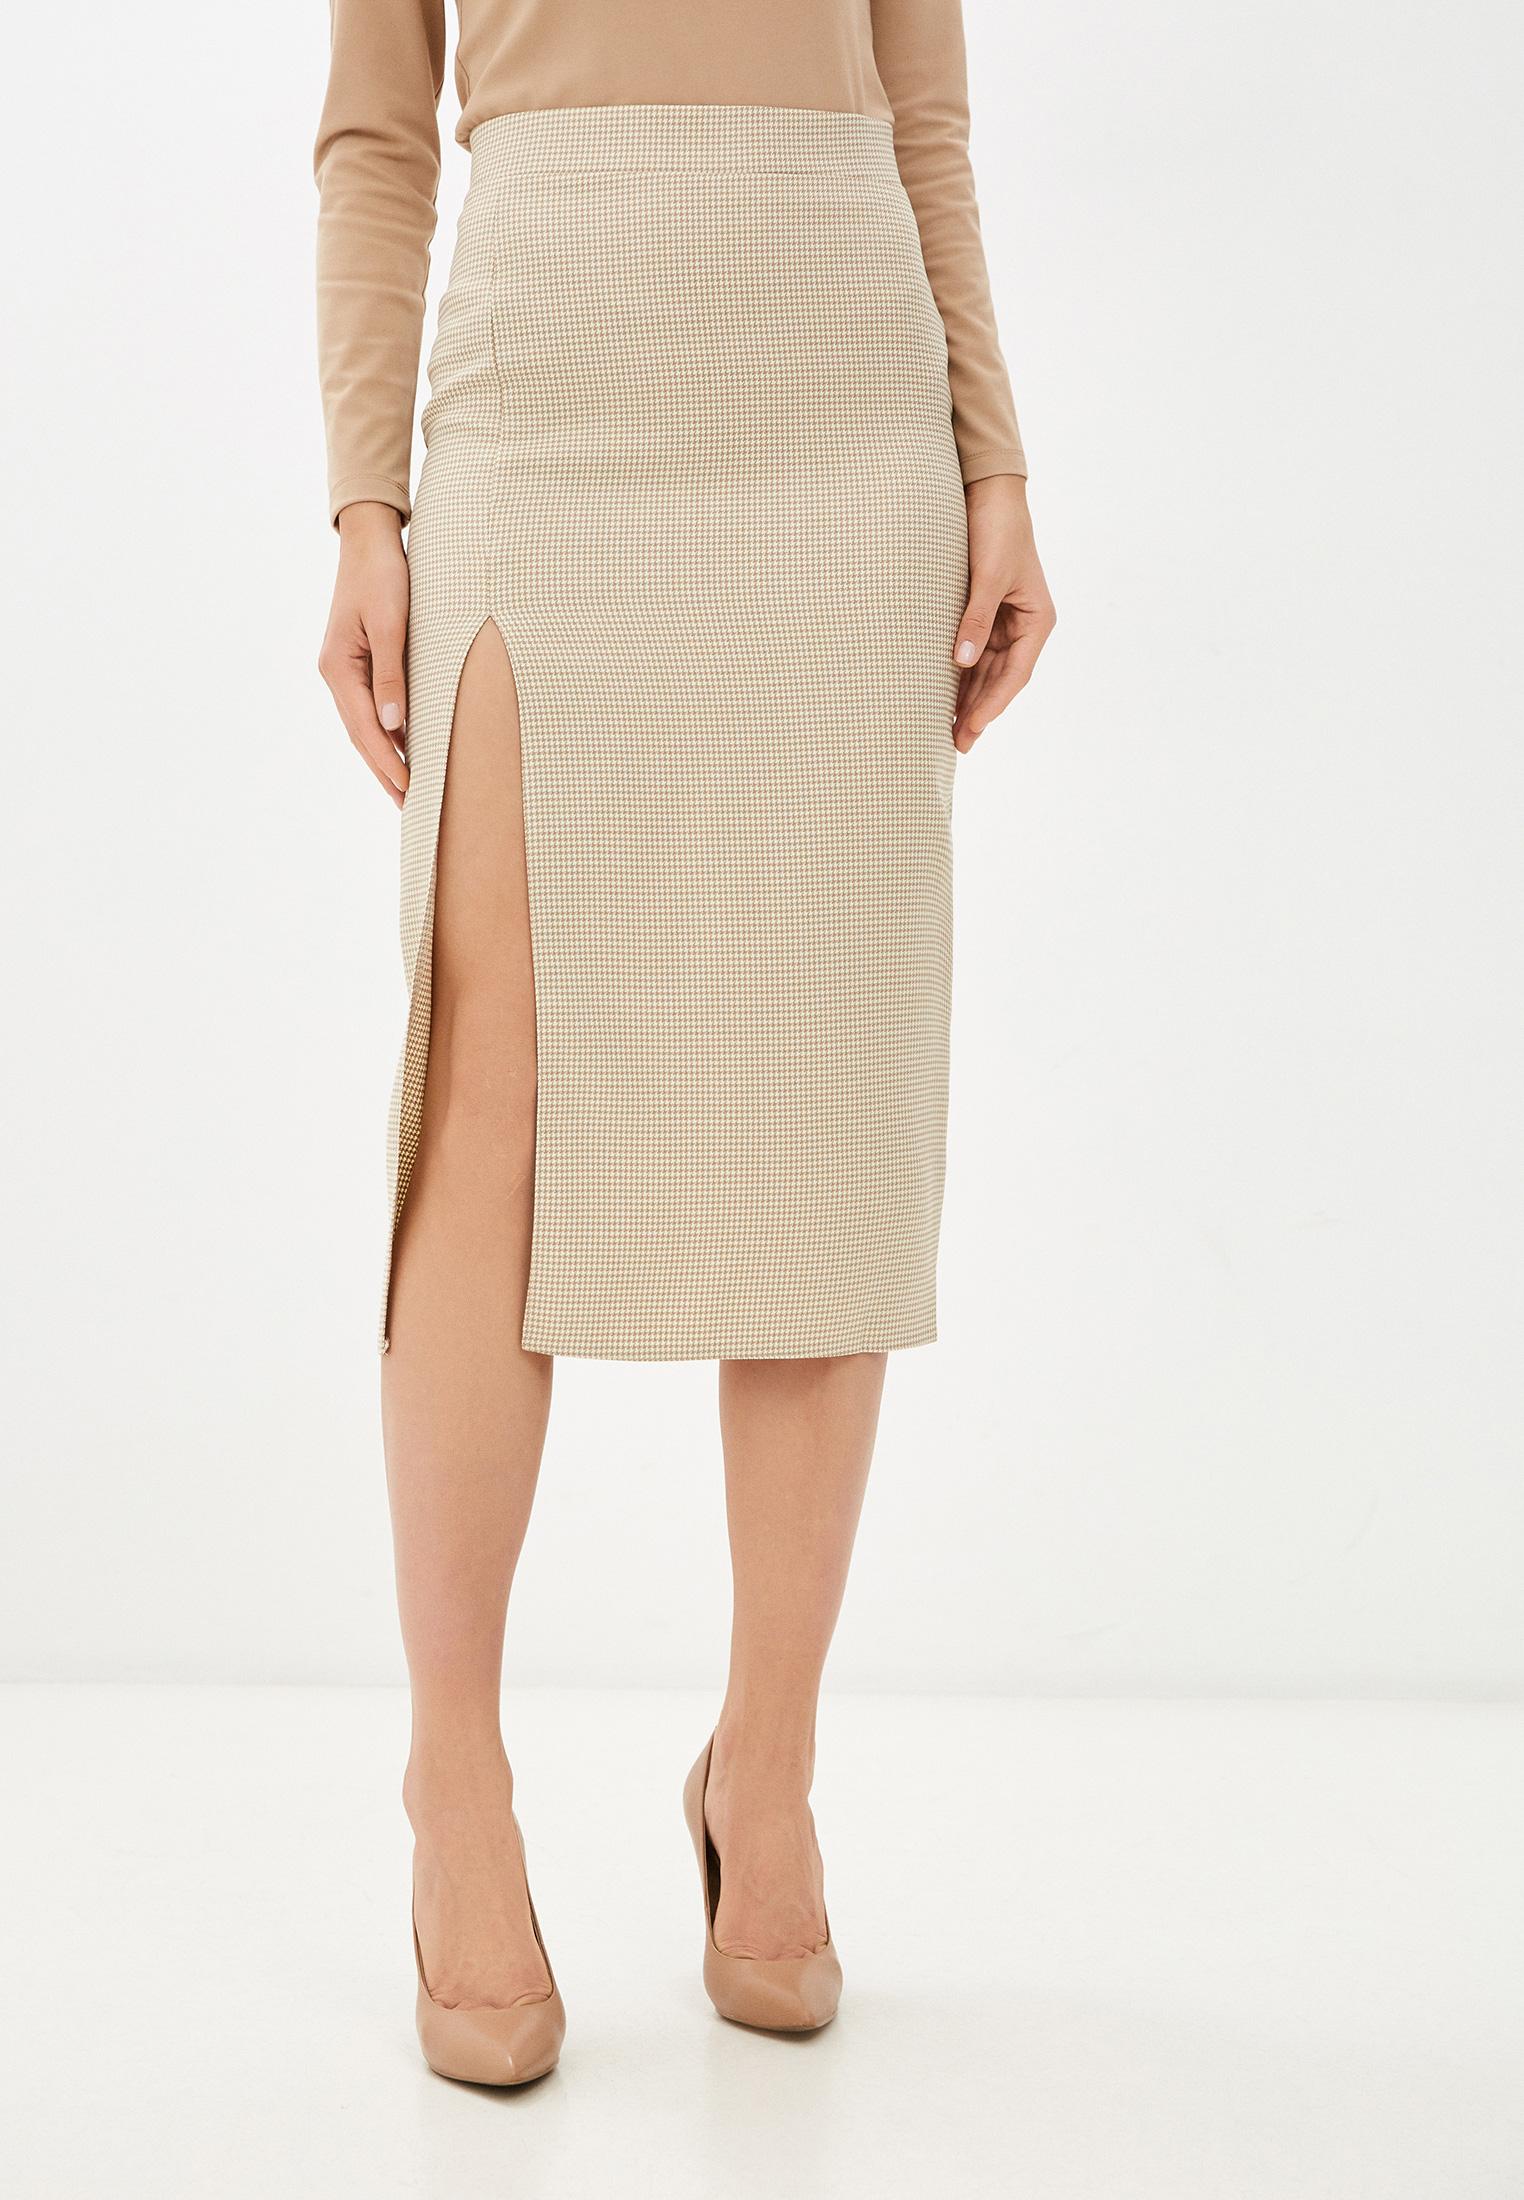 Узкая юбка Moda Sincera MS2880